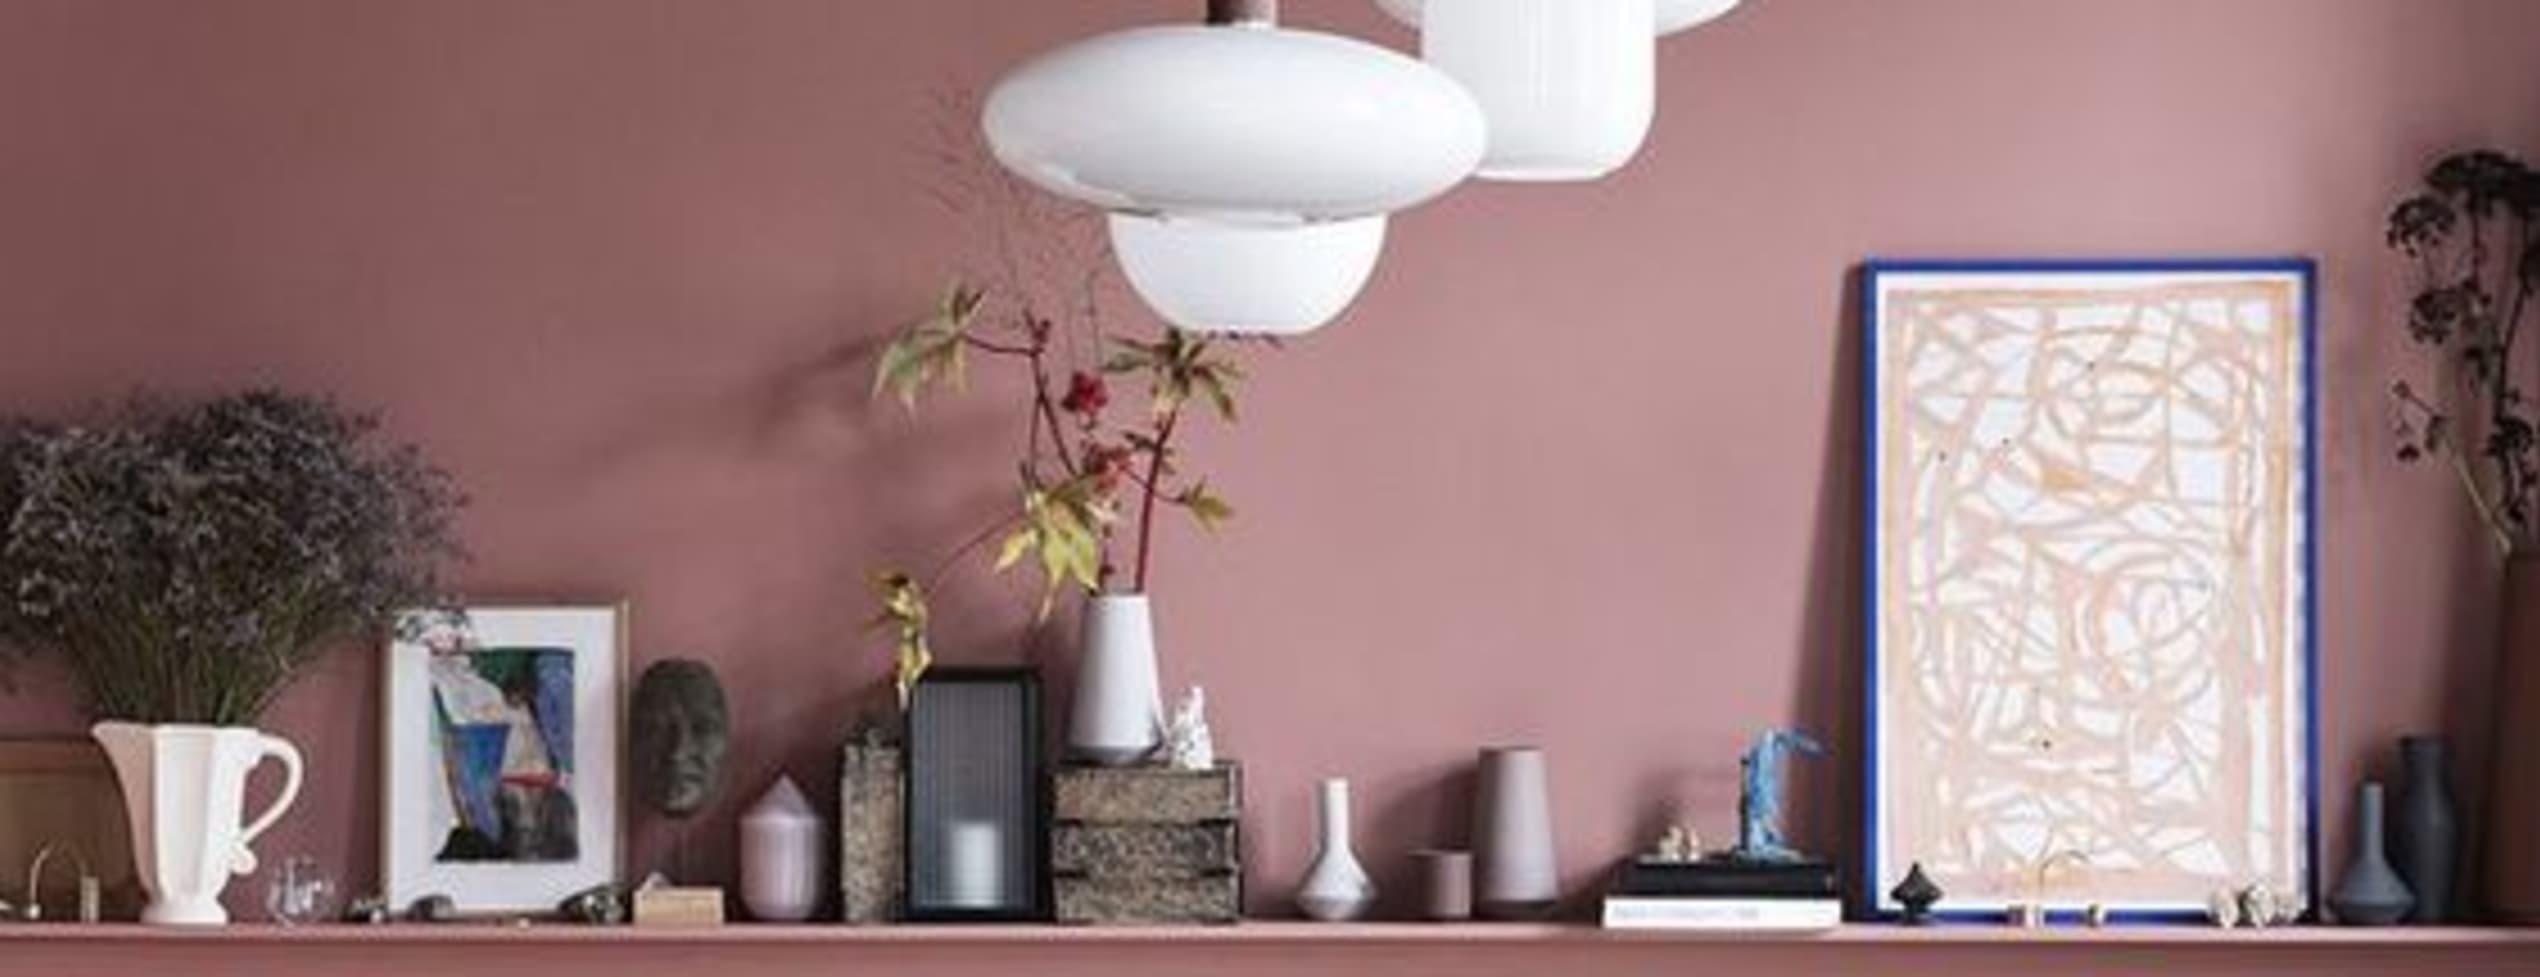 Färgsättningshjälp av ditt hem - Eget tillfälle